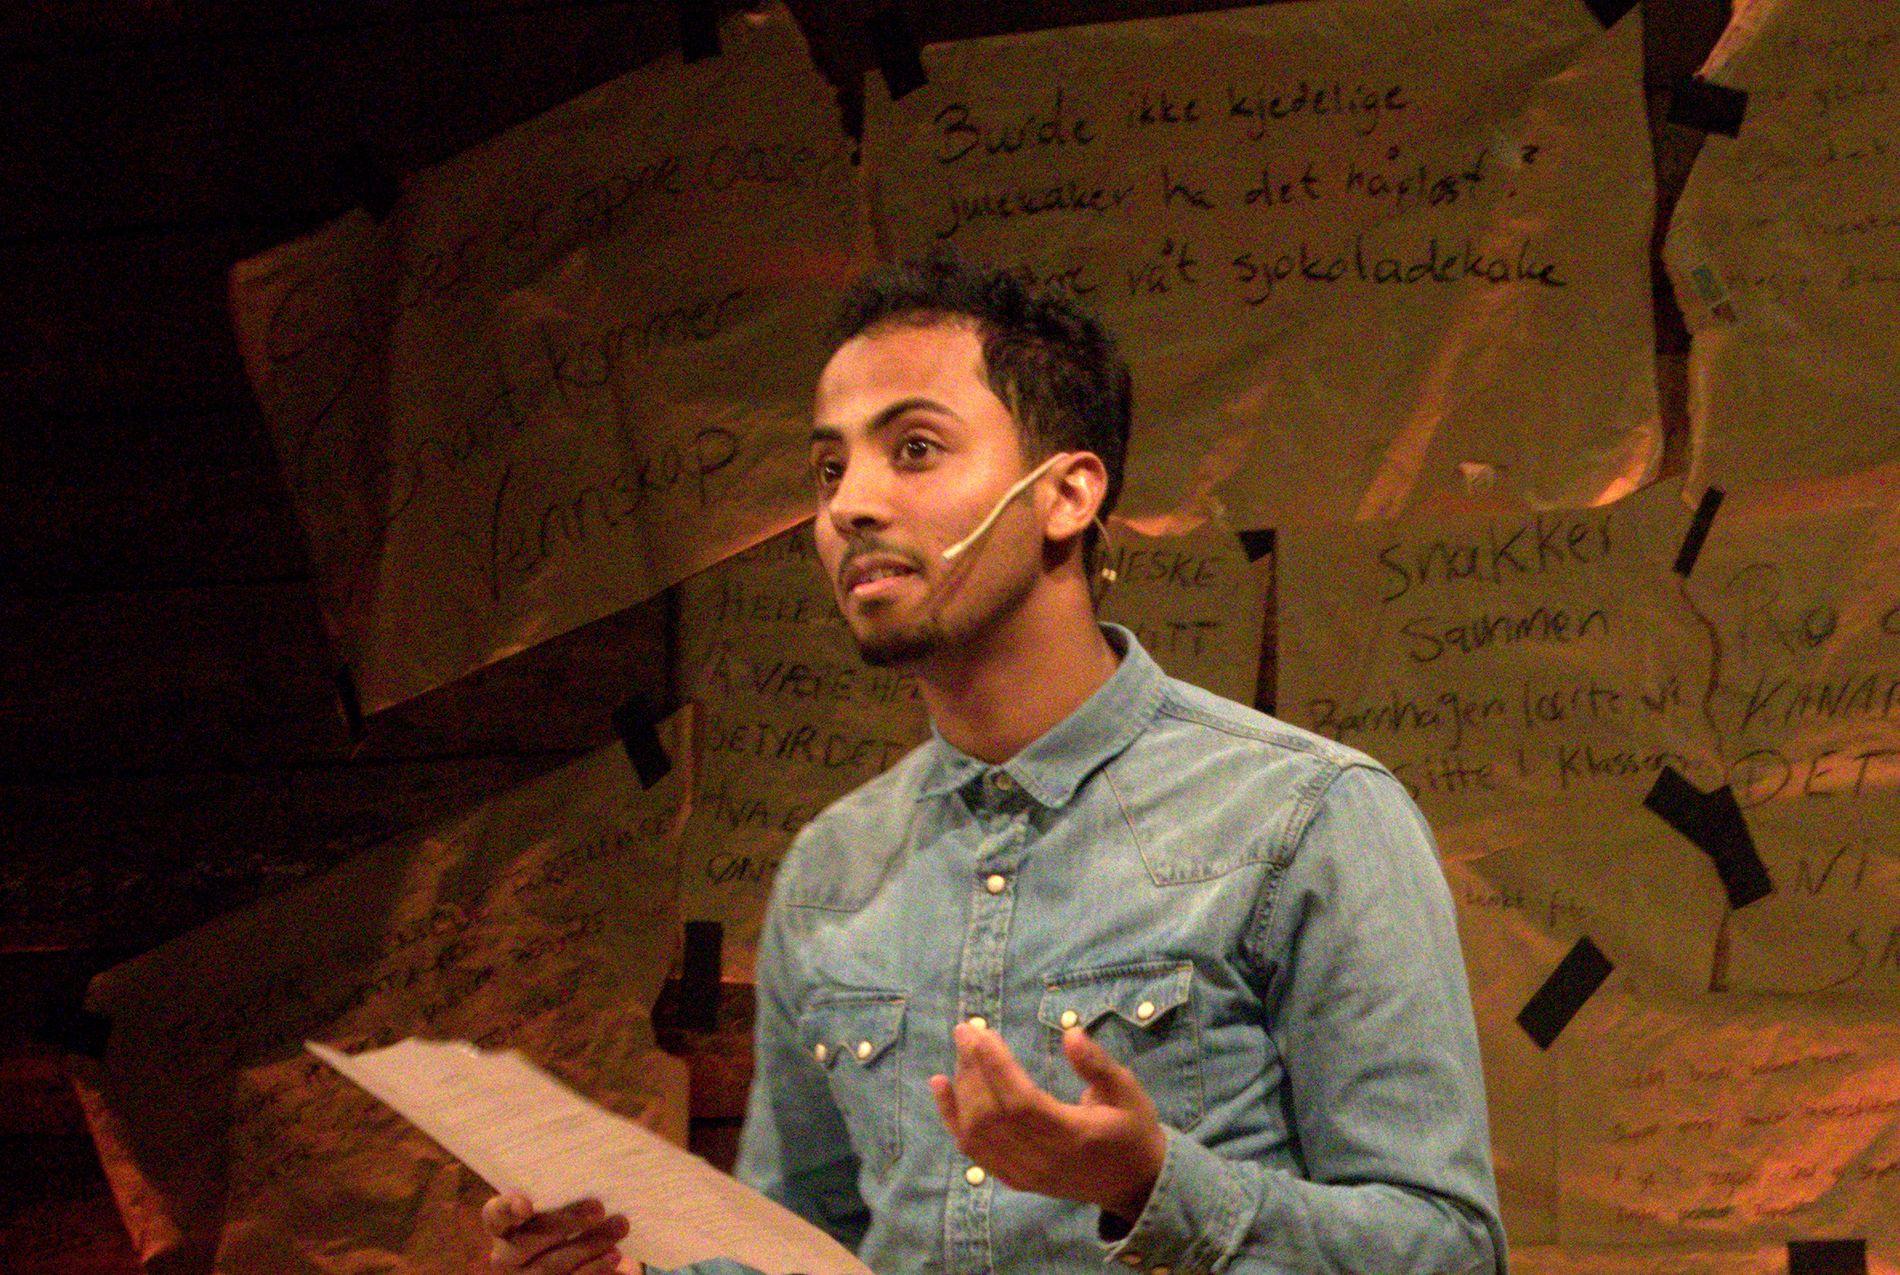 TUNGT: Som fersk innvandrer i Bergen med stor arbeidslyst, er det tungt å bli mistenkt for å snylte på landets velferdsgoder, skriver Mohamed Saleh (26). Han kom til Norge som 21-årig flyktning fra Somalia og er engasjert i mange frivillige organisasjoner.